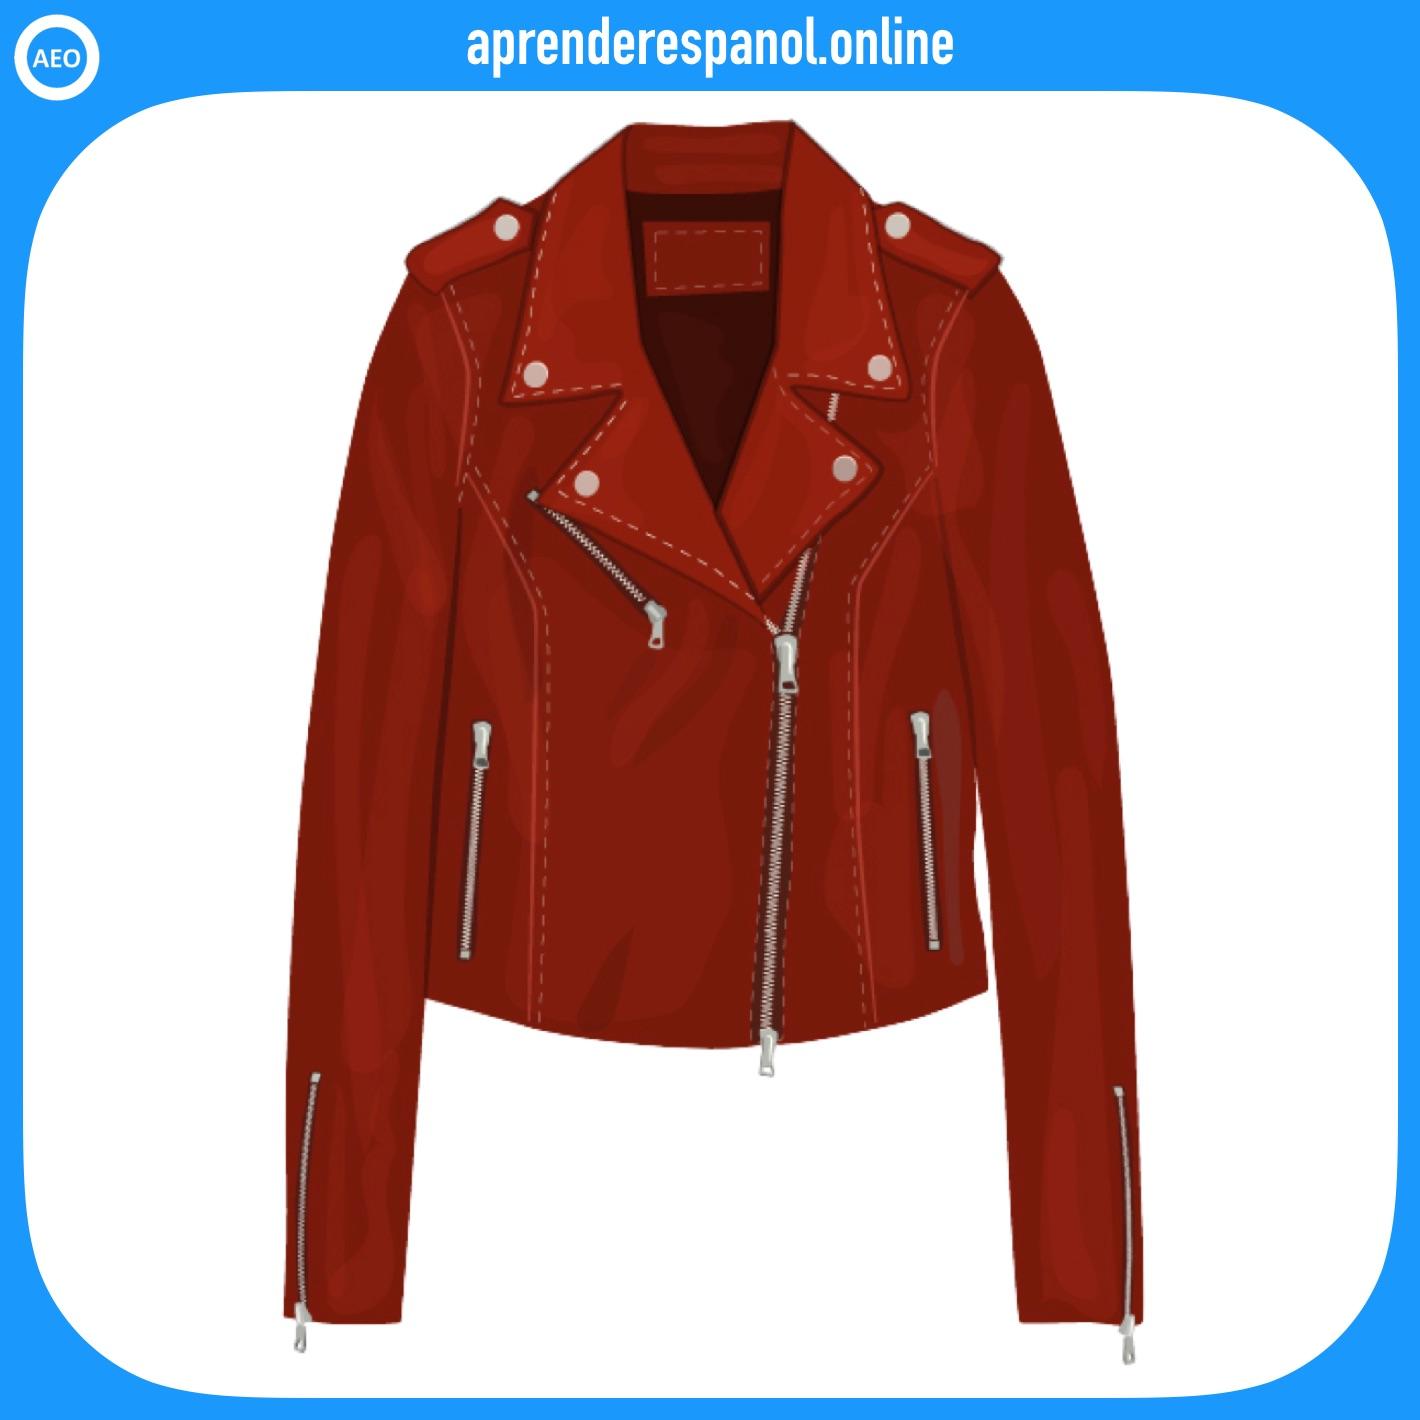 chaqueta | ropa en español | vocabulario de la ropa en español